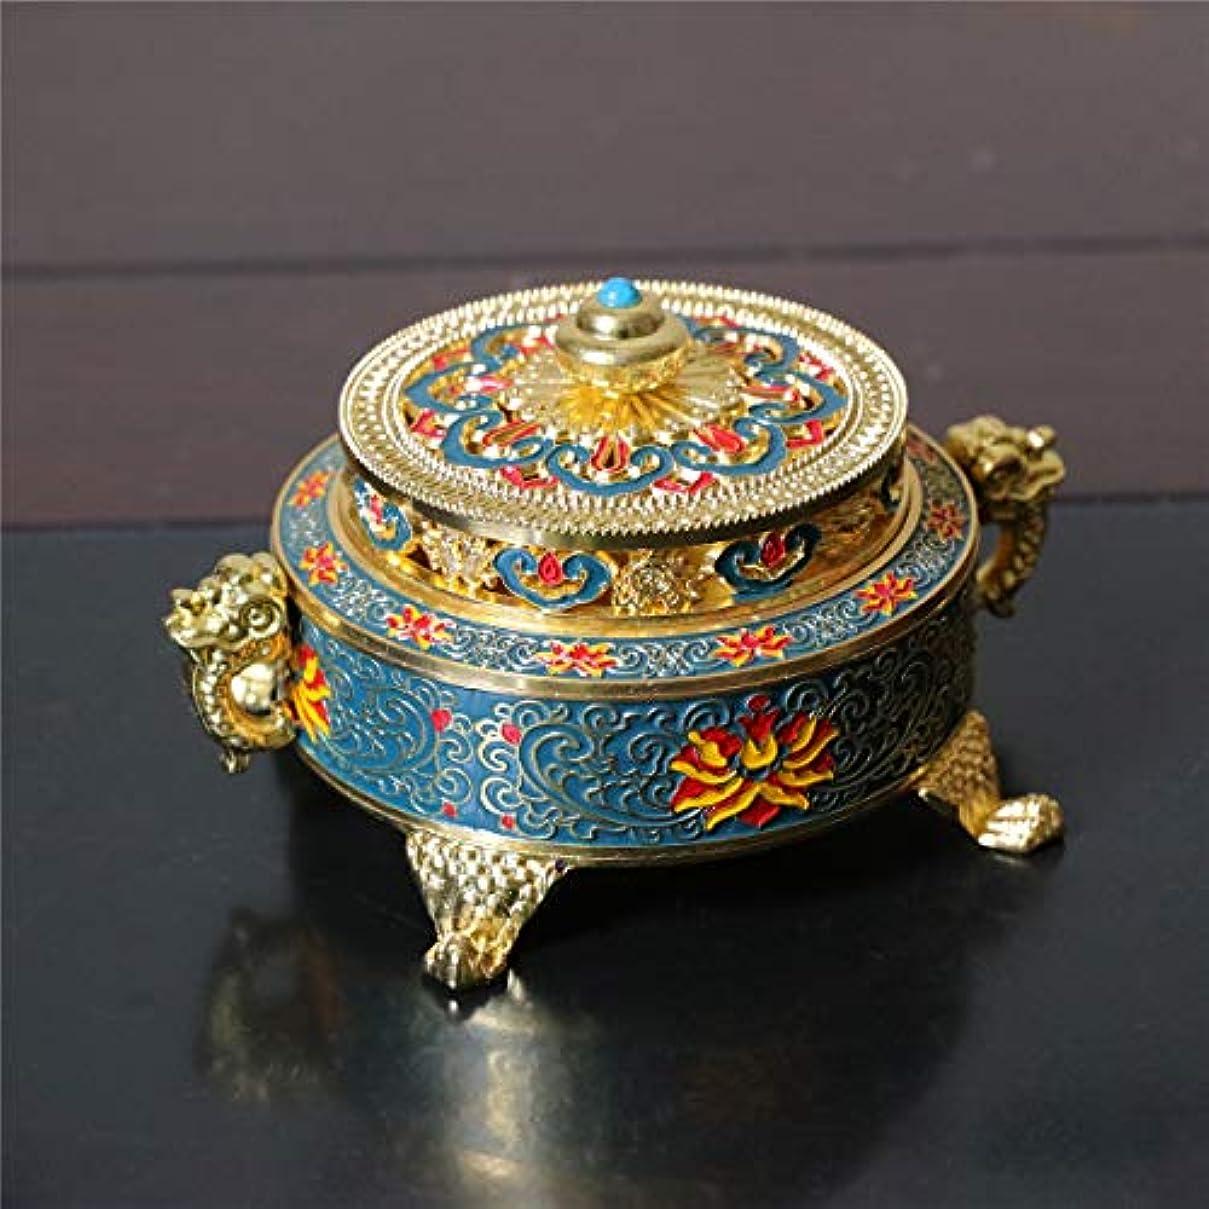 バリケードメトリック穏やかなPHILOGOD 香炉 美しく印刷渦巻き線香 香立て 仏壇用 香皿 (Blue Enamel)